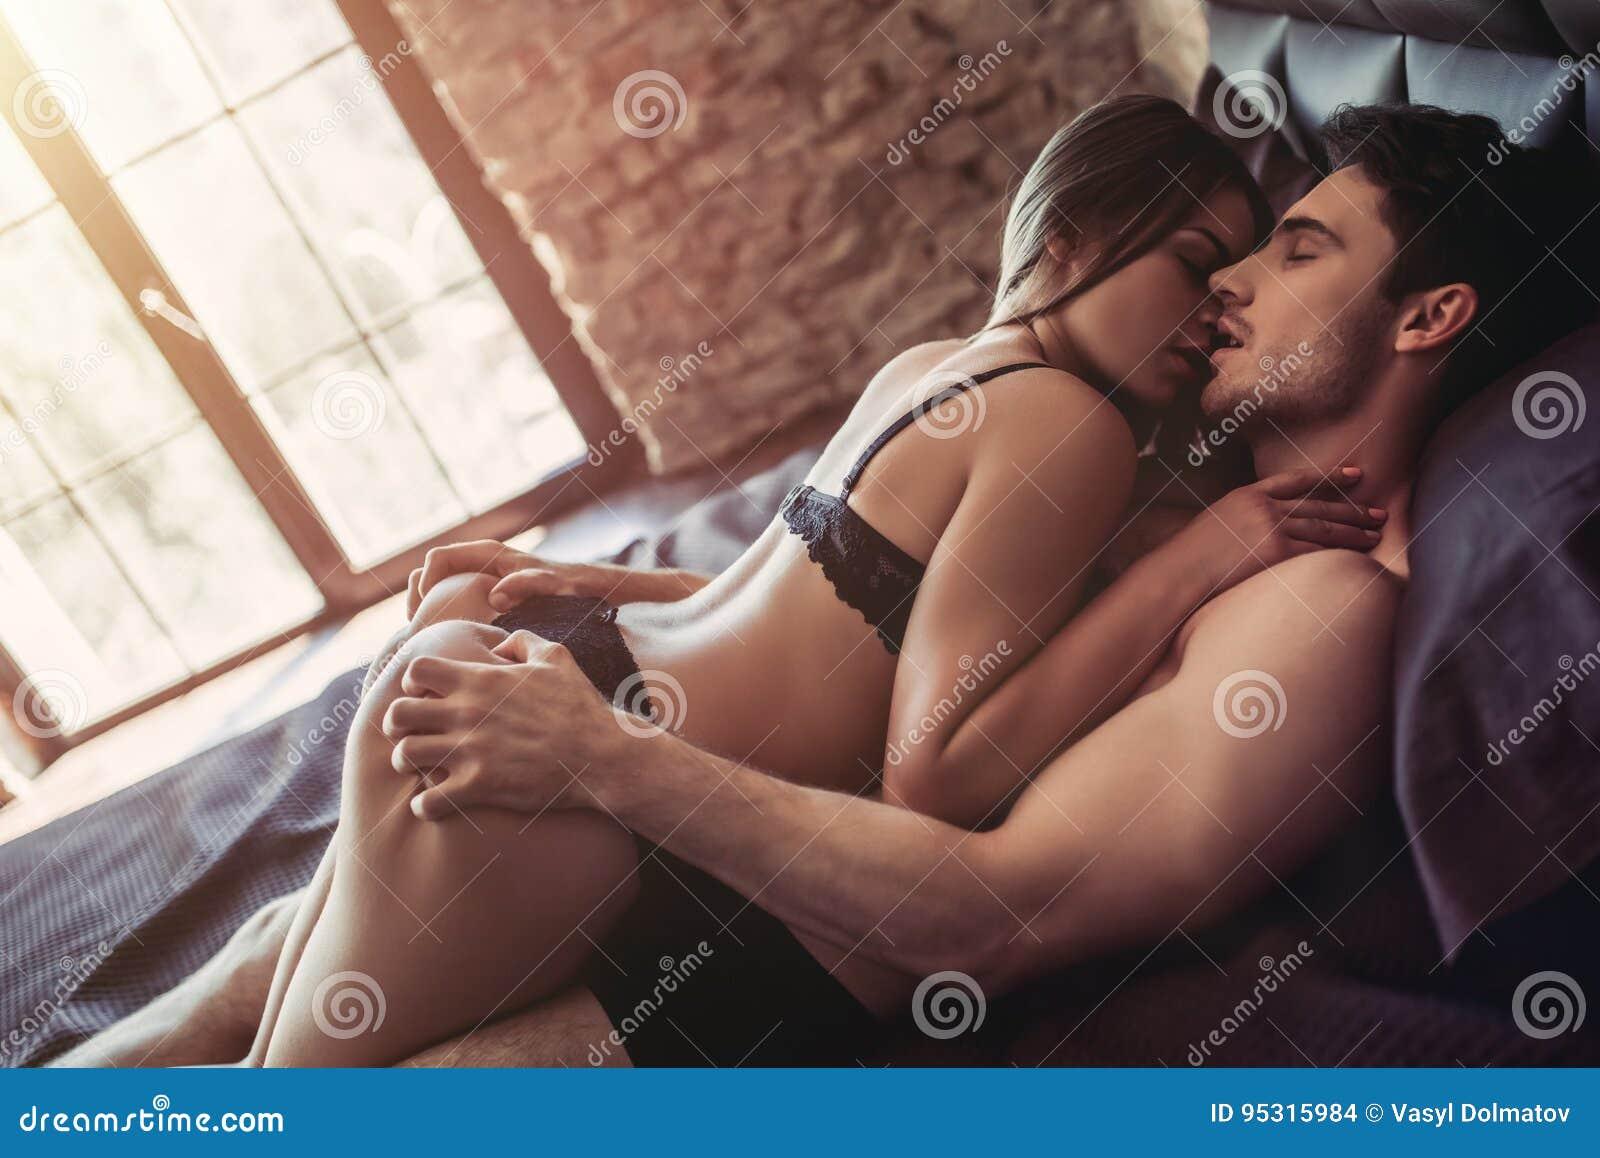 Секс потехи молодых пар видео